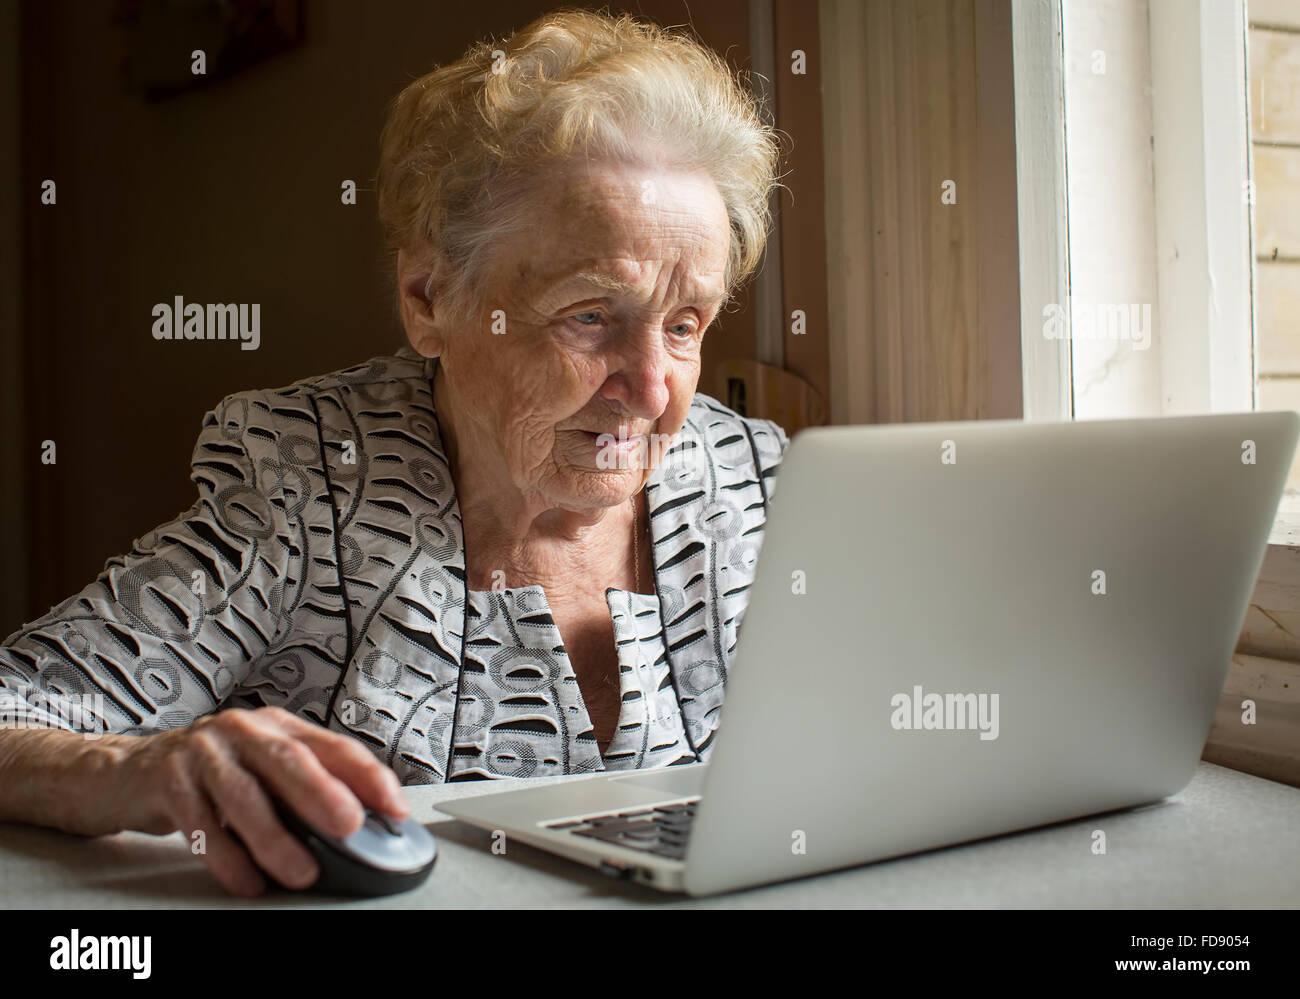 Una anciana mujer sentada a la mesa y escribe en el ordenador portátil. Imagen De Stock